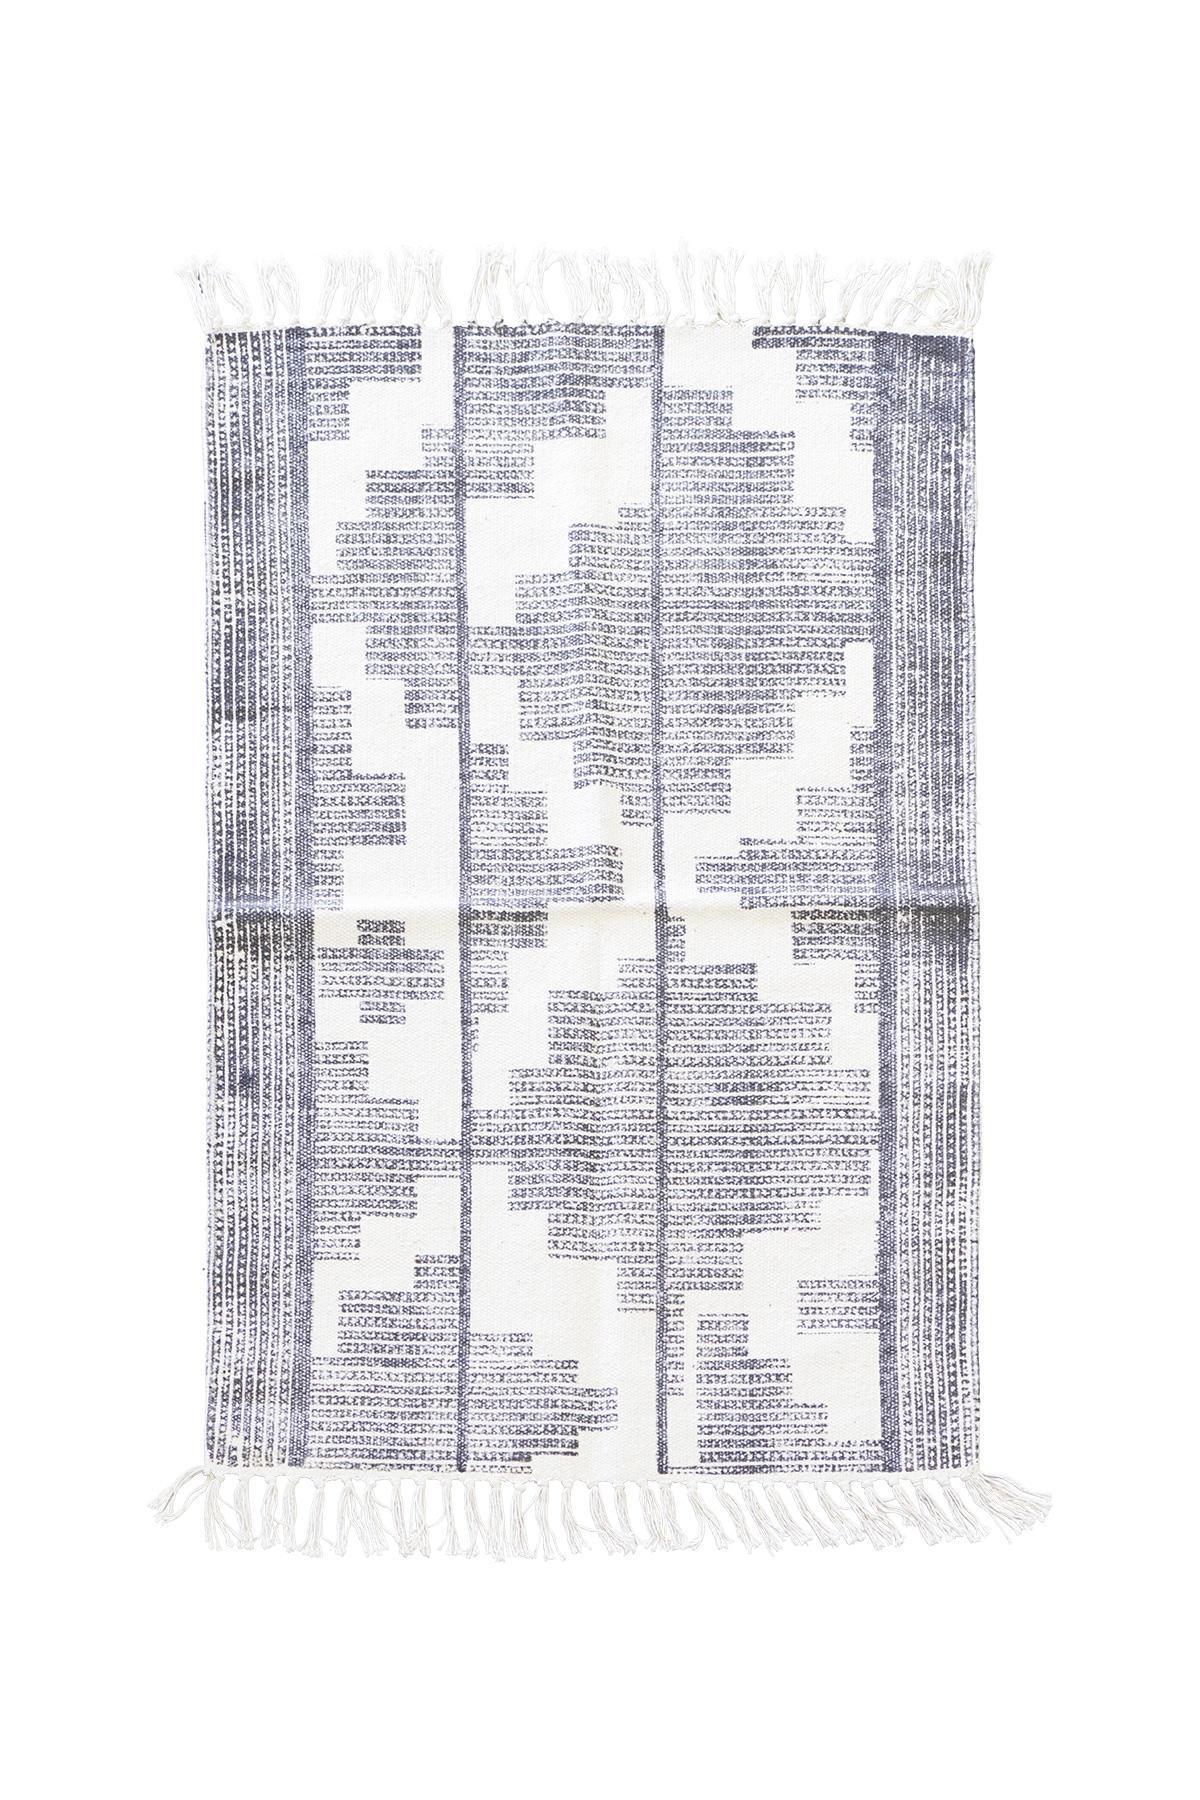 house doctor Koberec Eve 90x200 cm, černá barva, bílá barva, textil Bílá